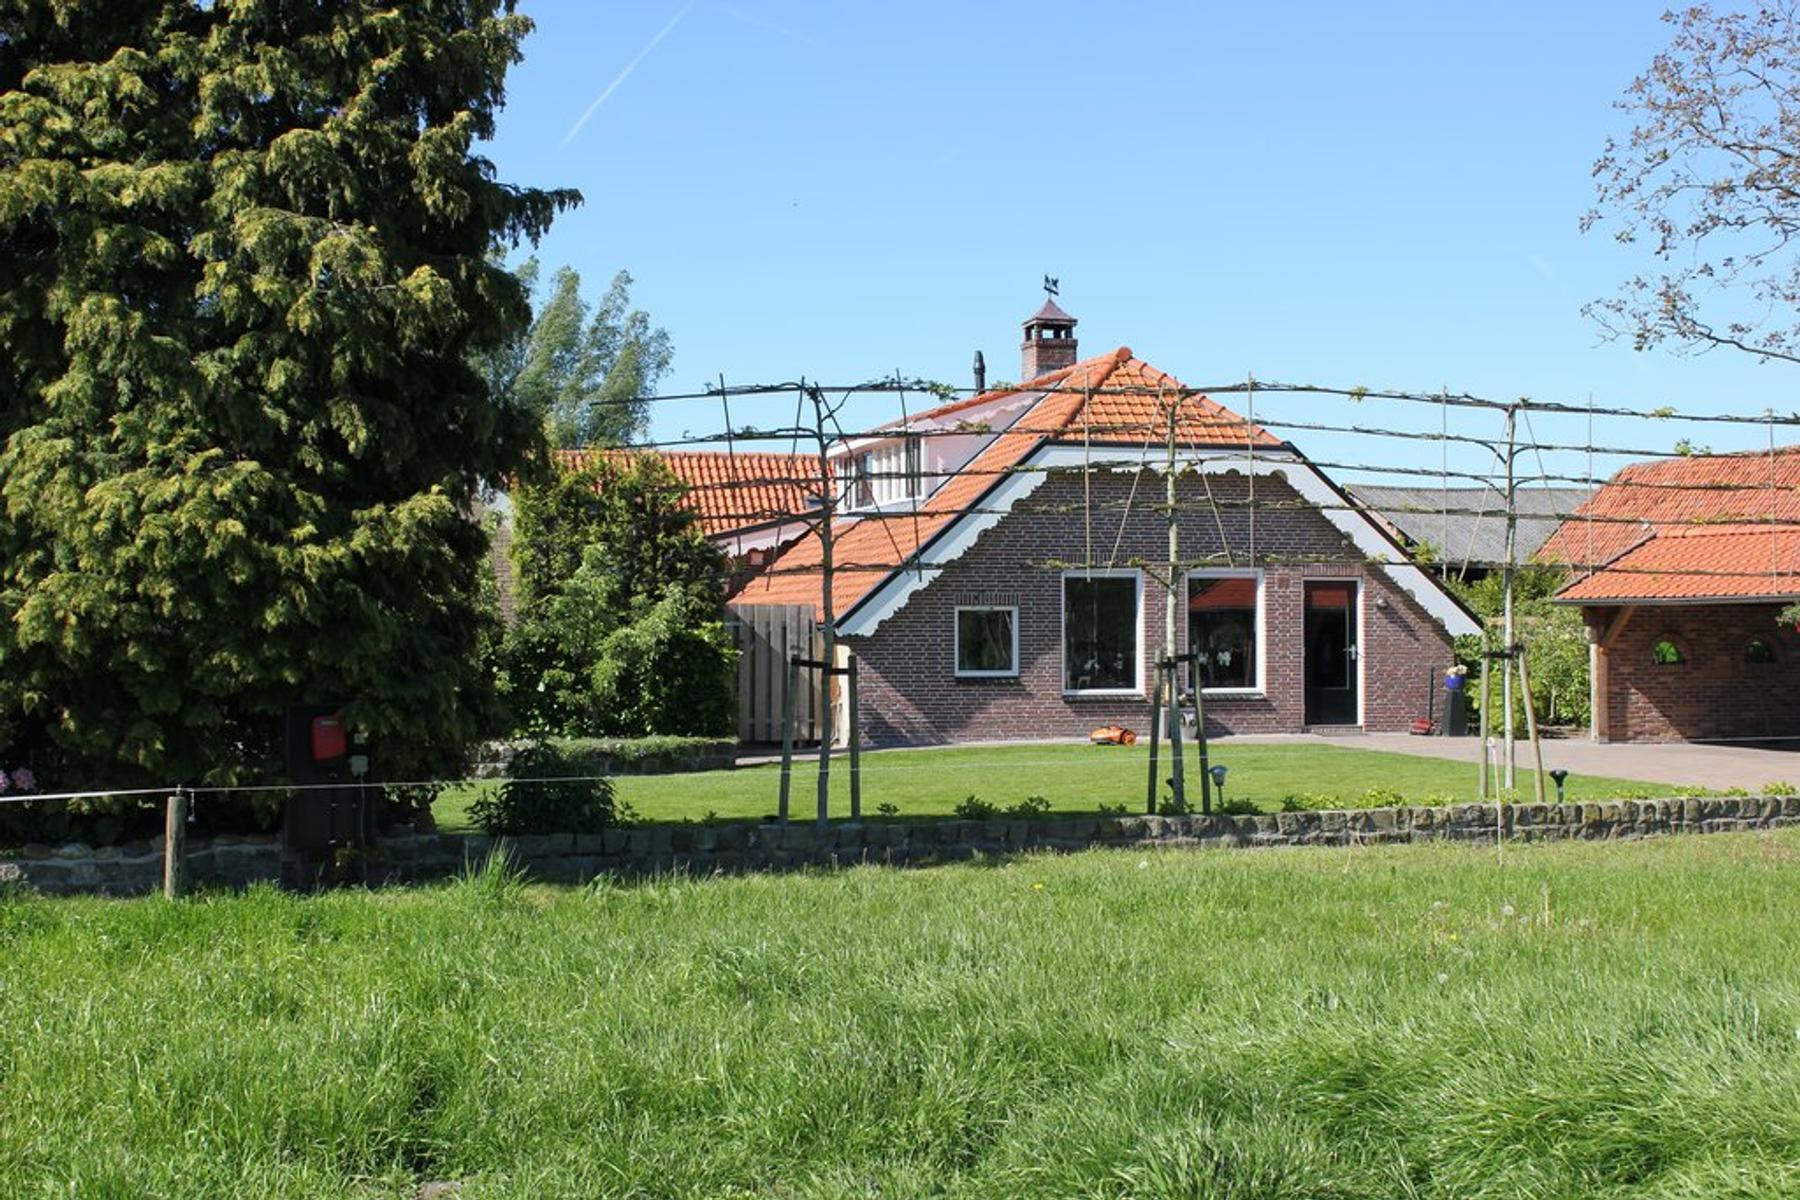 Vrouwenweg 17 in Nijkerkerveen 3864 DX